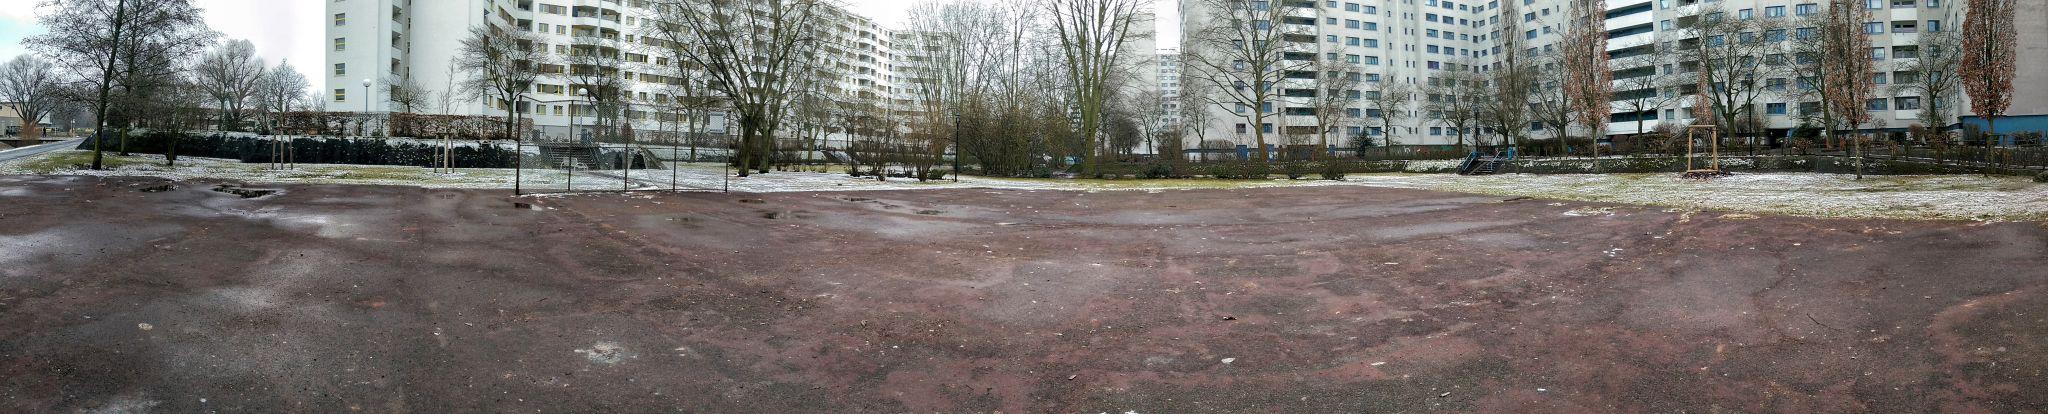 Fußballplatz im MV, Germany